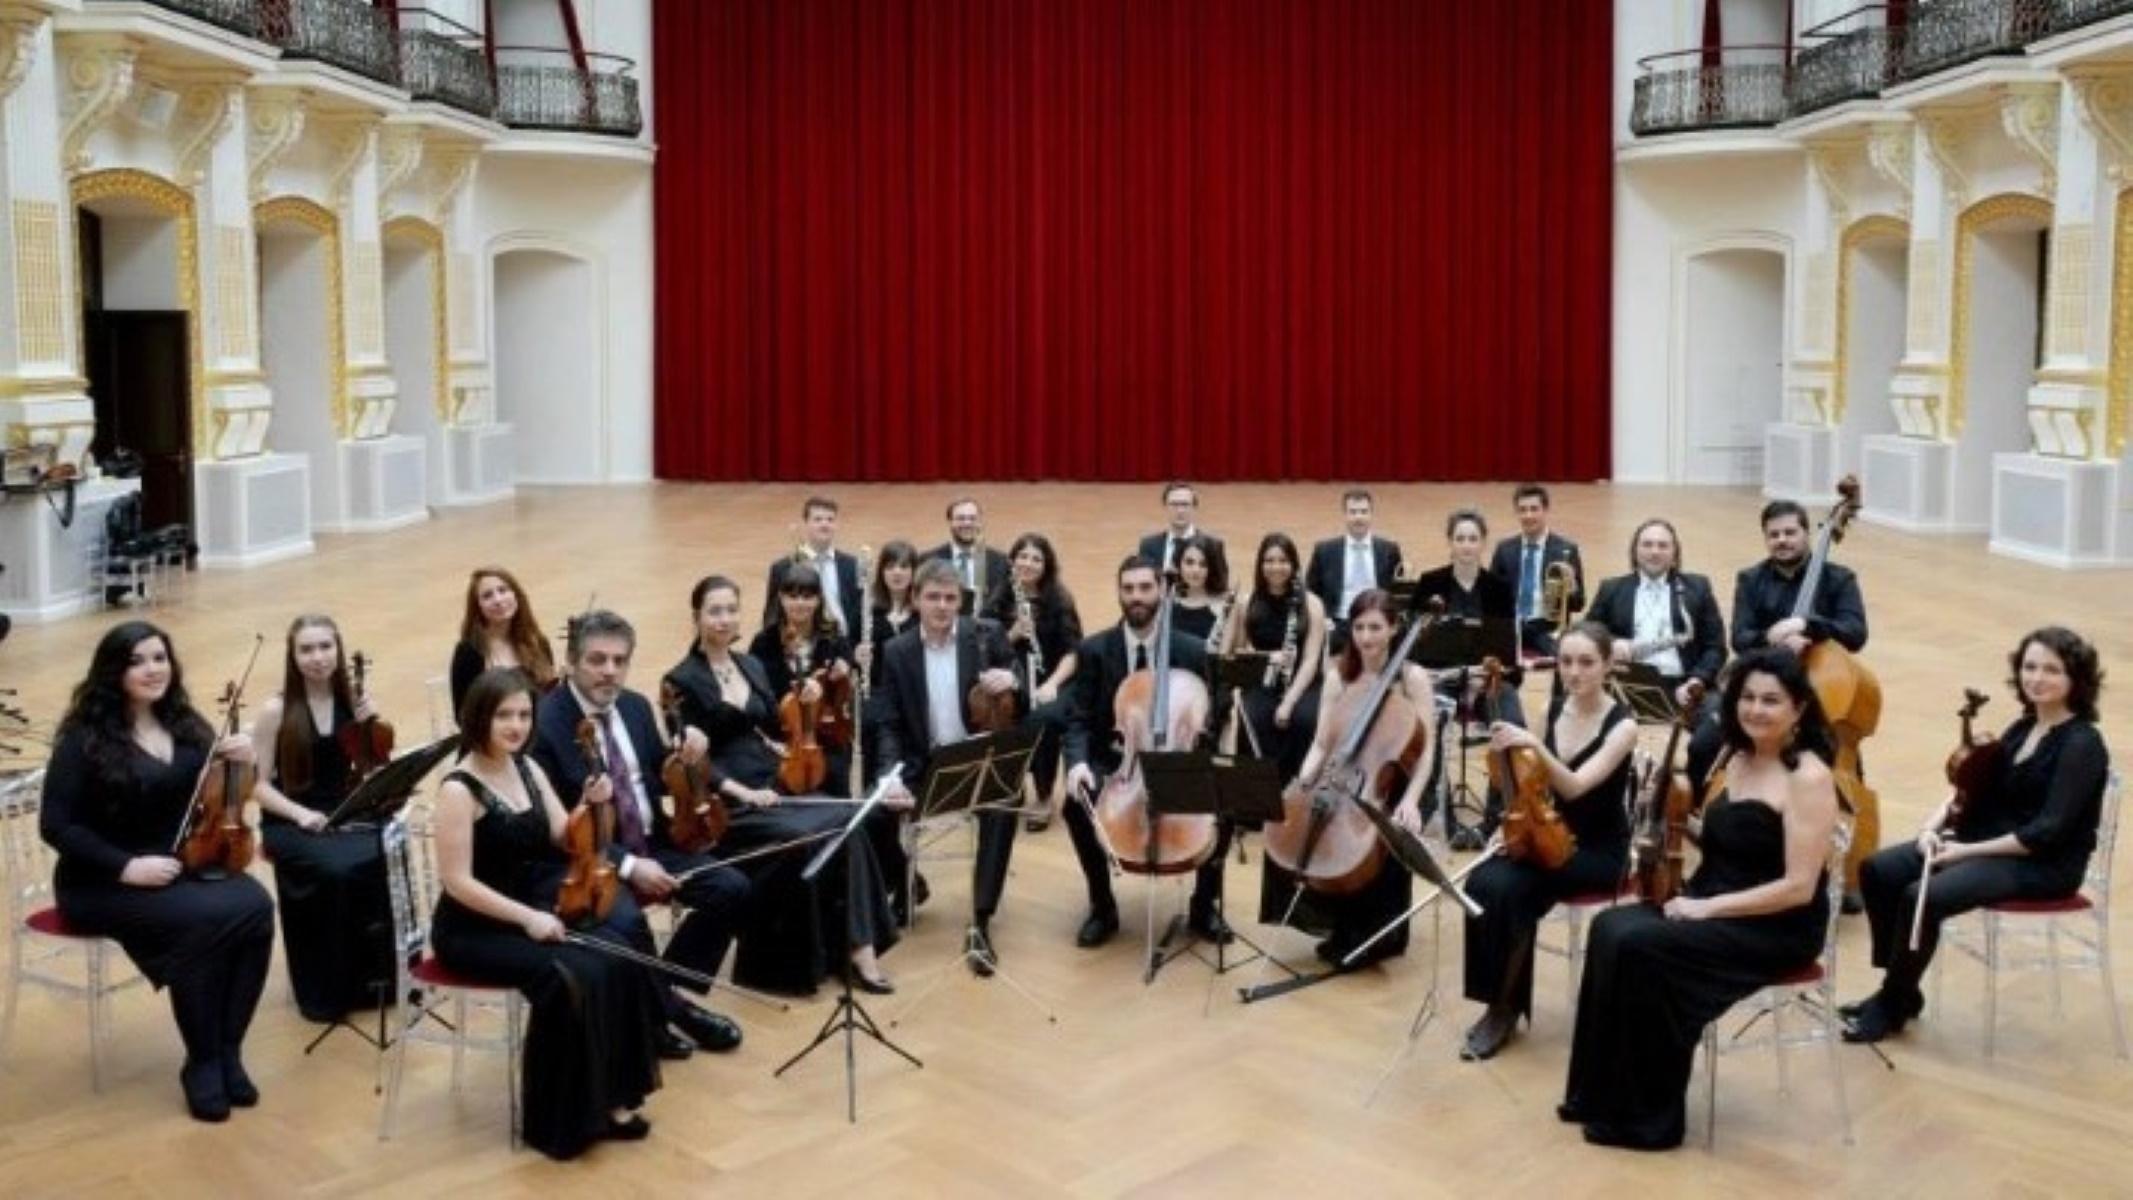 Αγίου Βαλεντίνου: Η ορχήστρα «Ορφέας» της Βιέννης παίζει στη Θεσσαλονίκη για τον Έρωτα